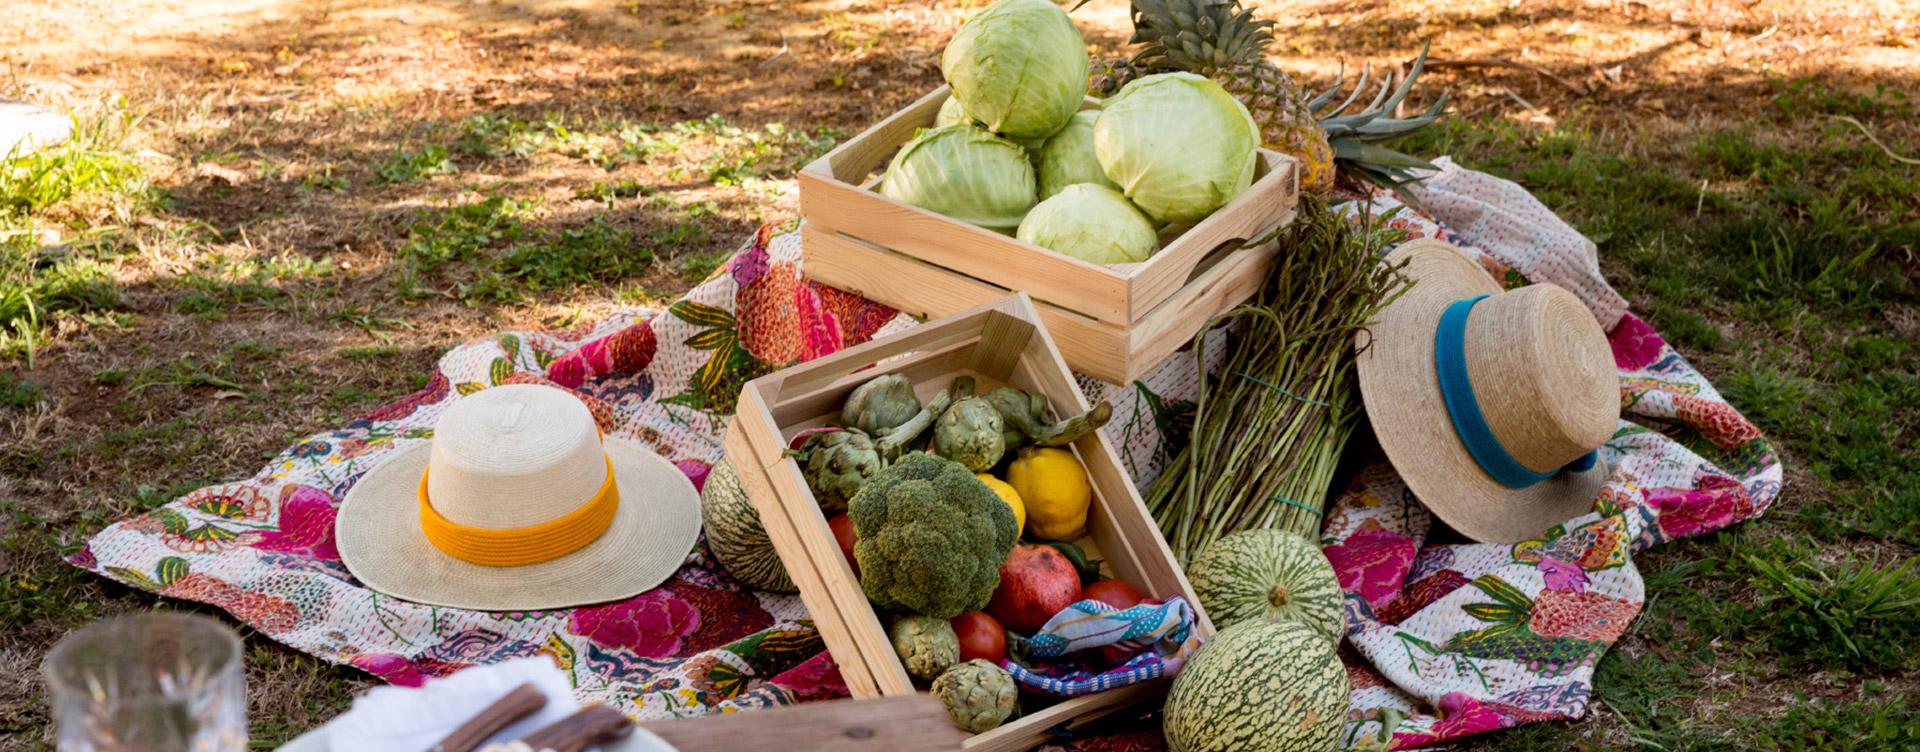 Puesto de verduras by Ovejas Negras Catering